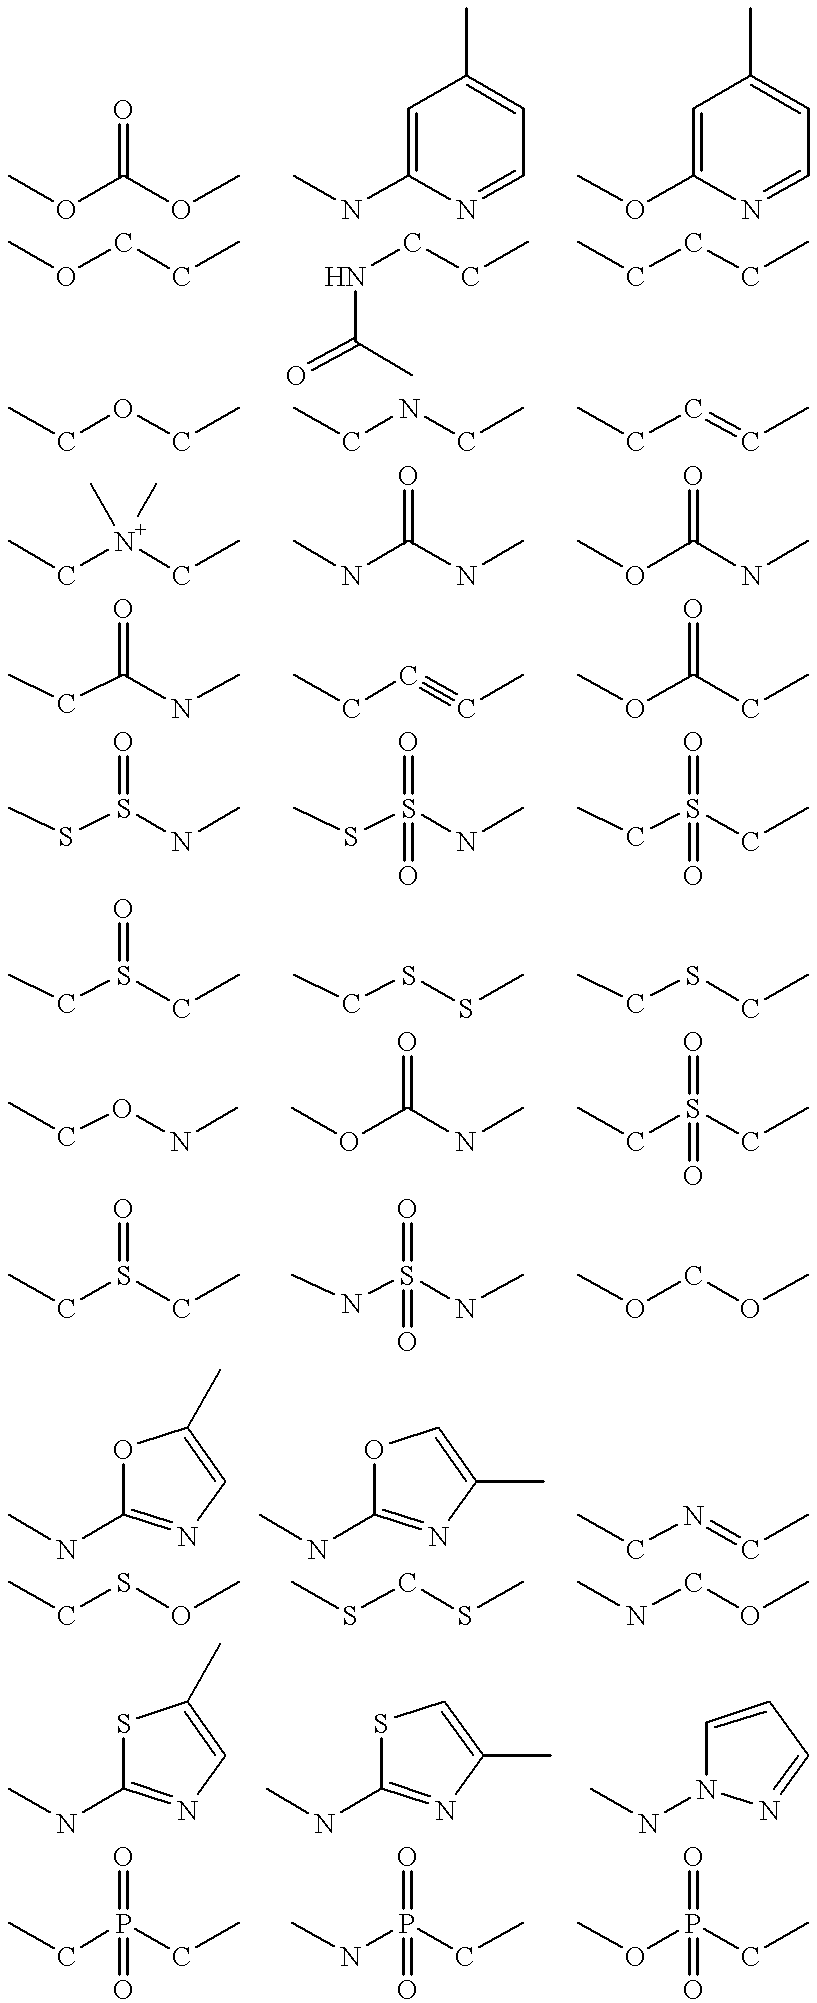 Figure US06288055-20010911-C00009